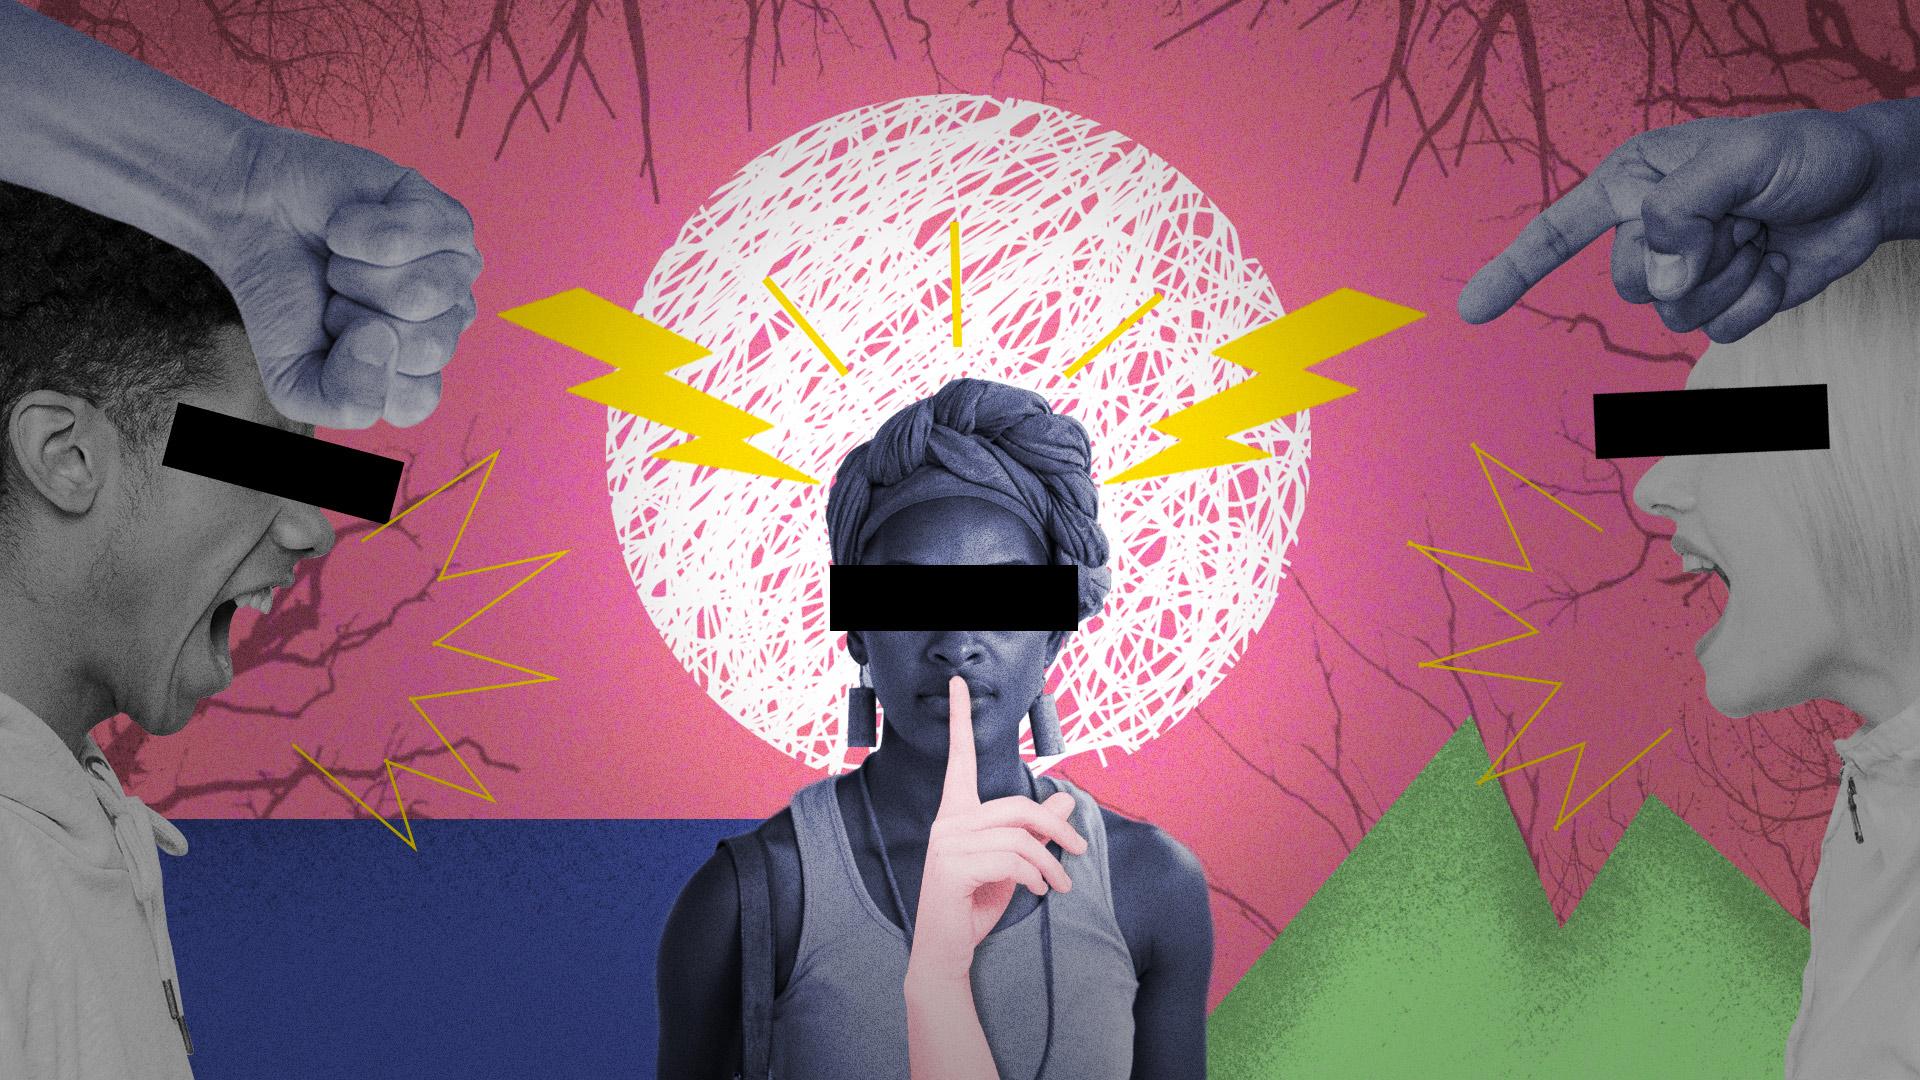 El coronavirus pondrá a prueba la salud mental de lideresas y defensoras